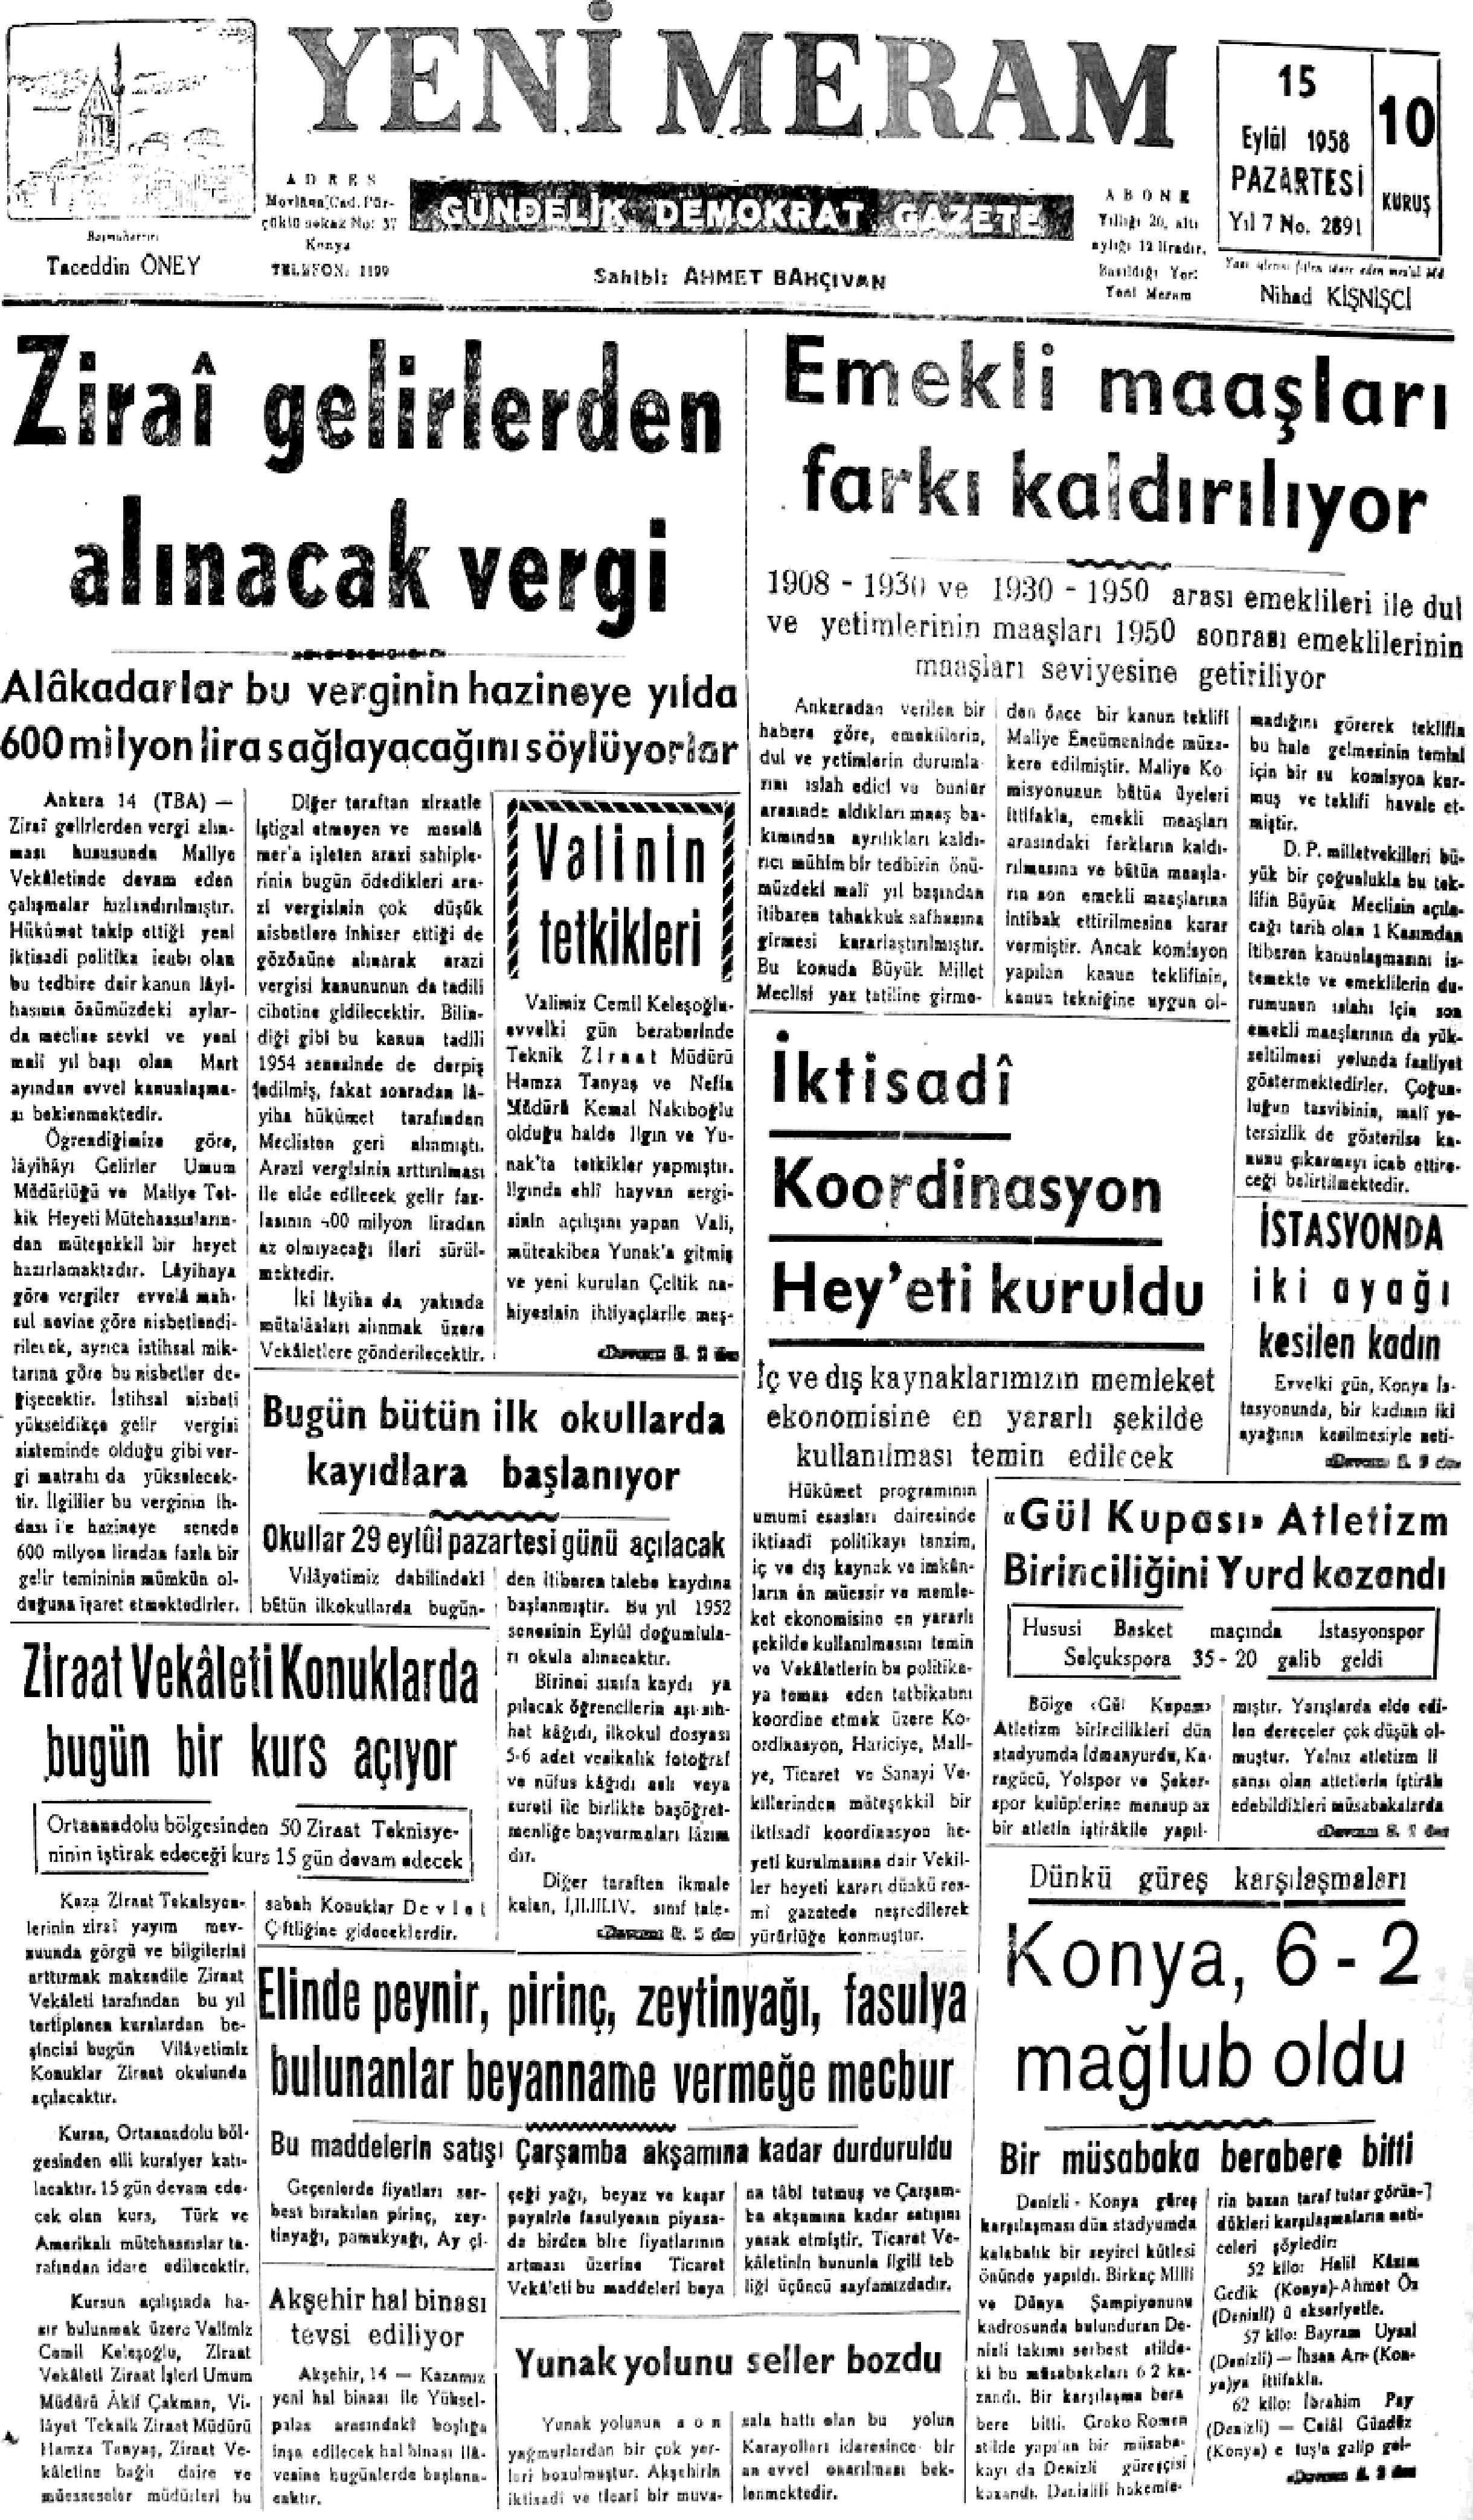 15 Eylül 2021 Yeni Meram Gazetesi